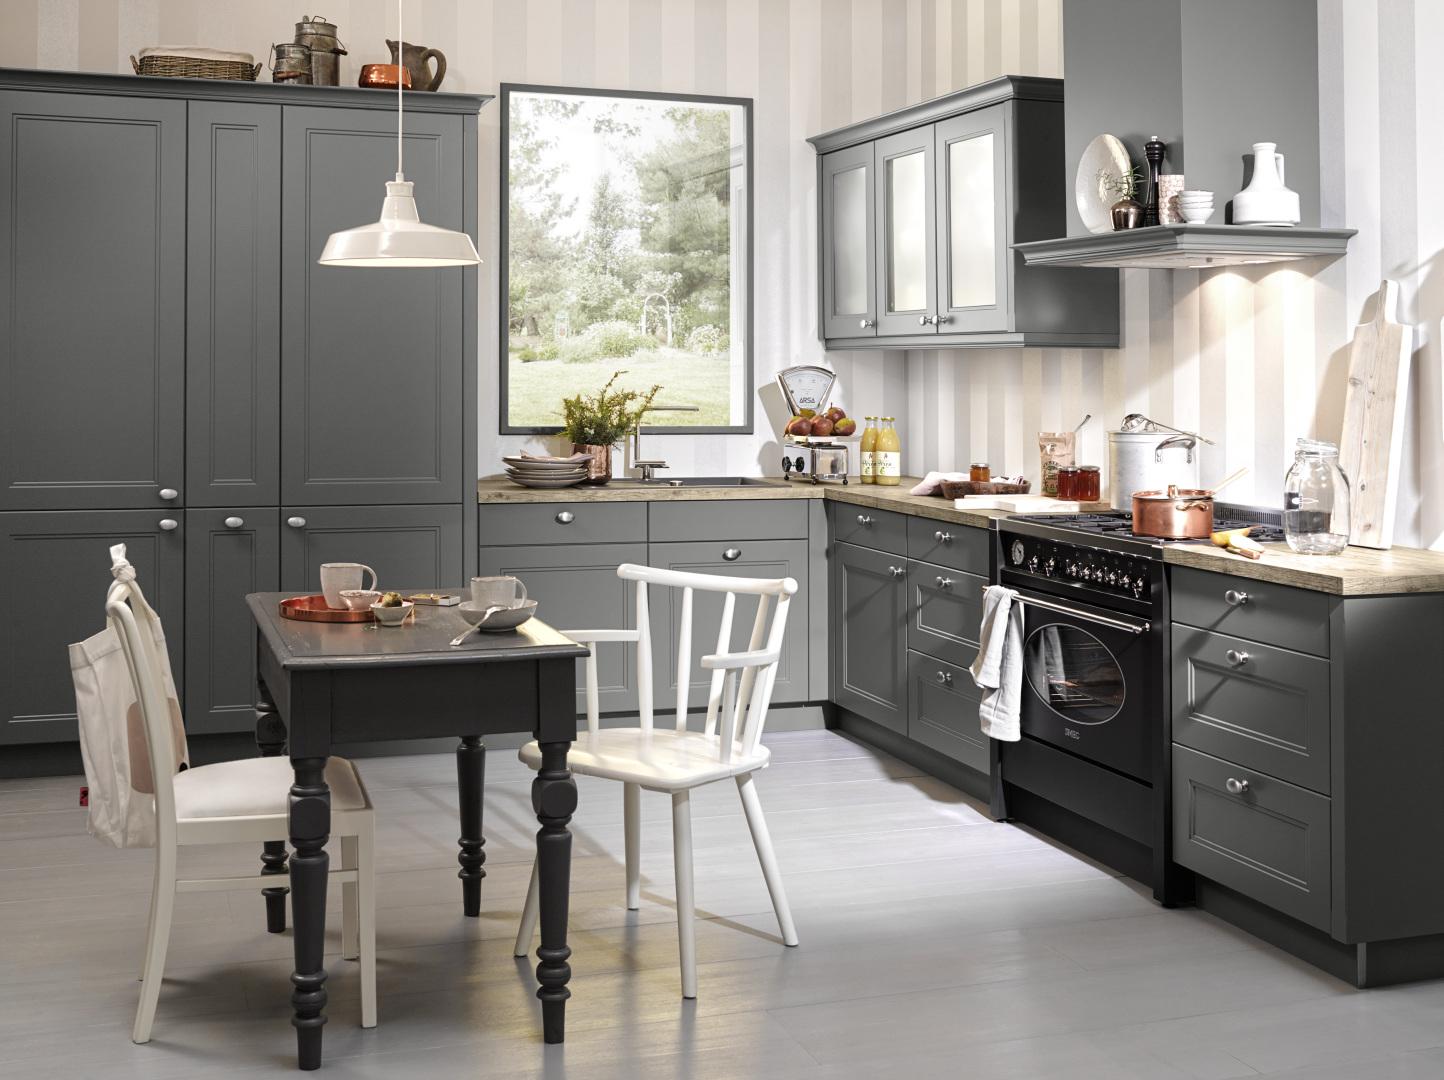 Fantastisch Grau Lackfarben Für Küchenwände Fotos - Küche Set Ideen ...